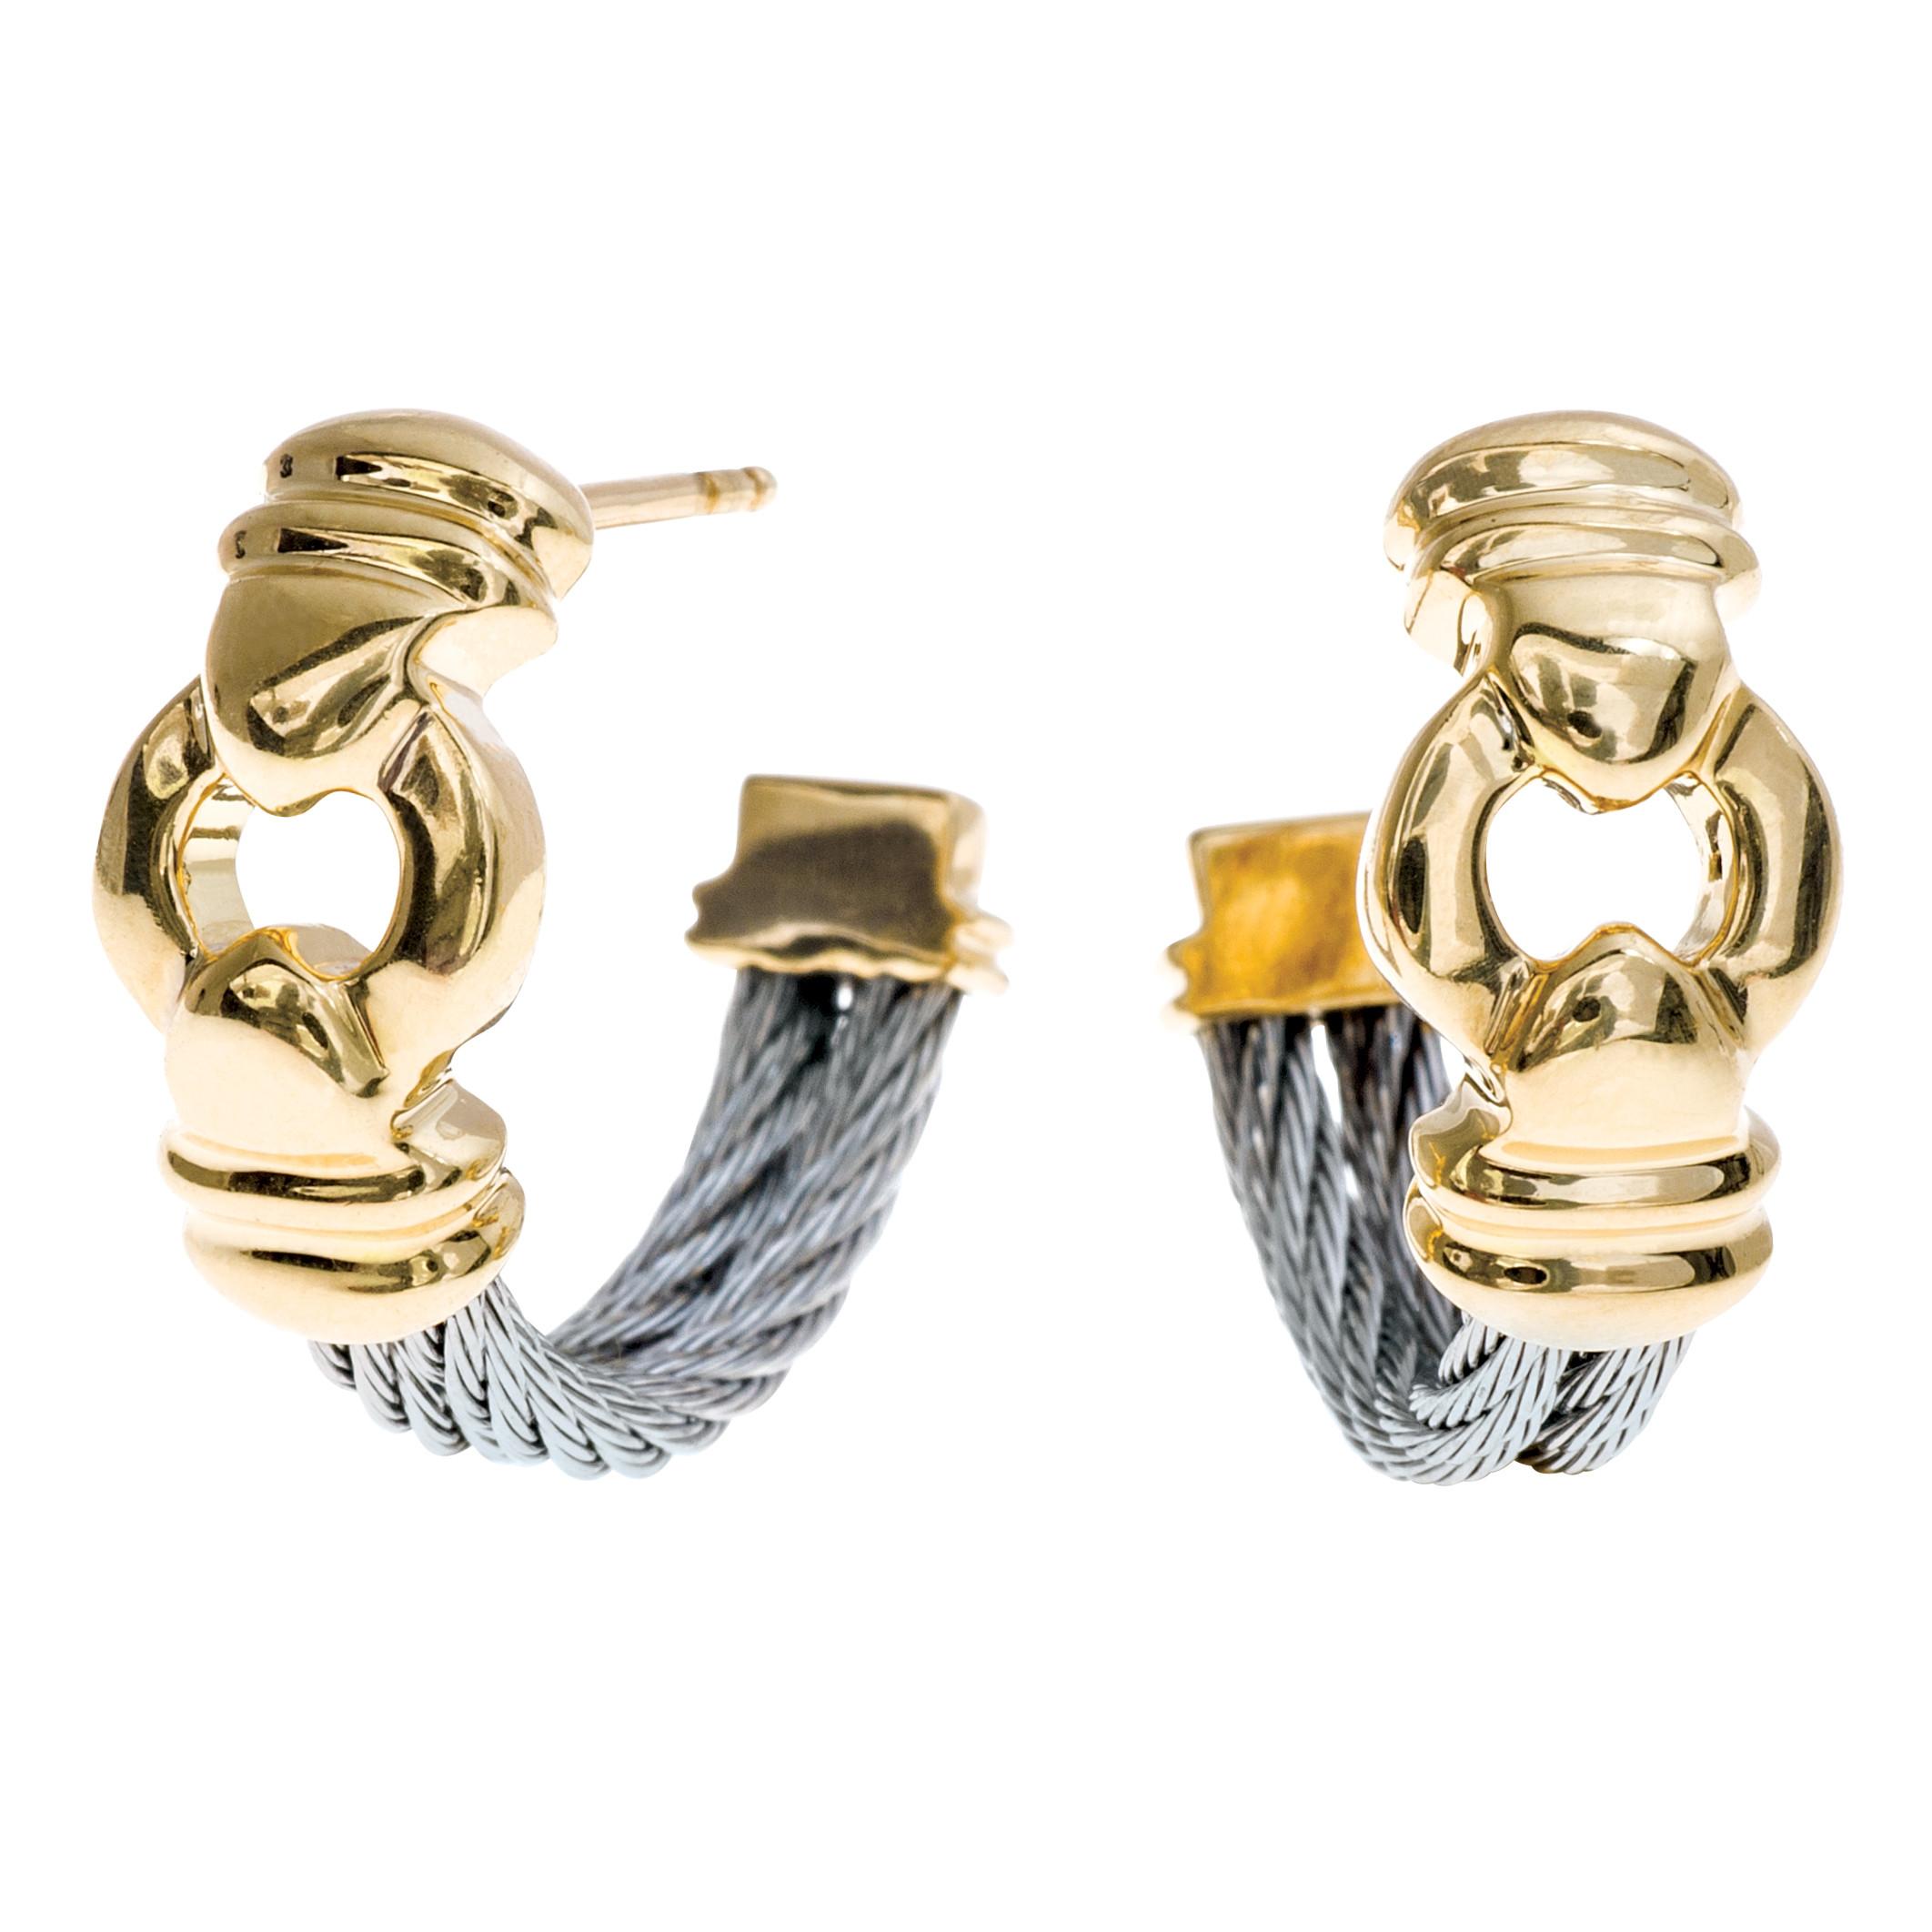 Vintage Charriol Cable Hoop Earrings